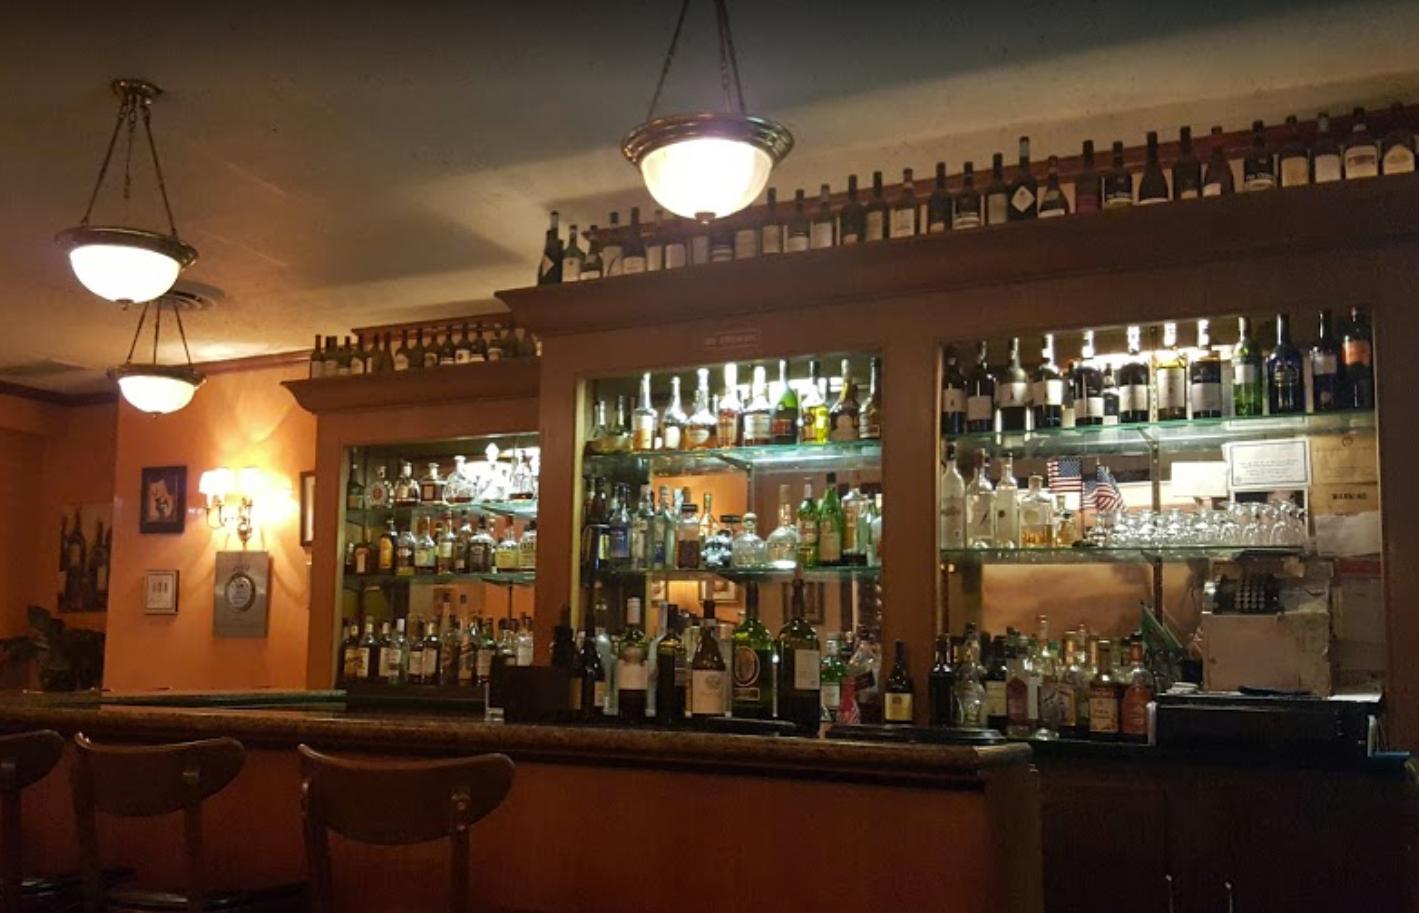 Italian Food Near Me: Montebello, New York New York (NY)